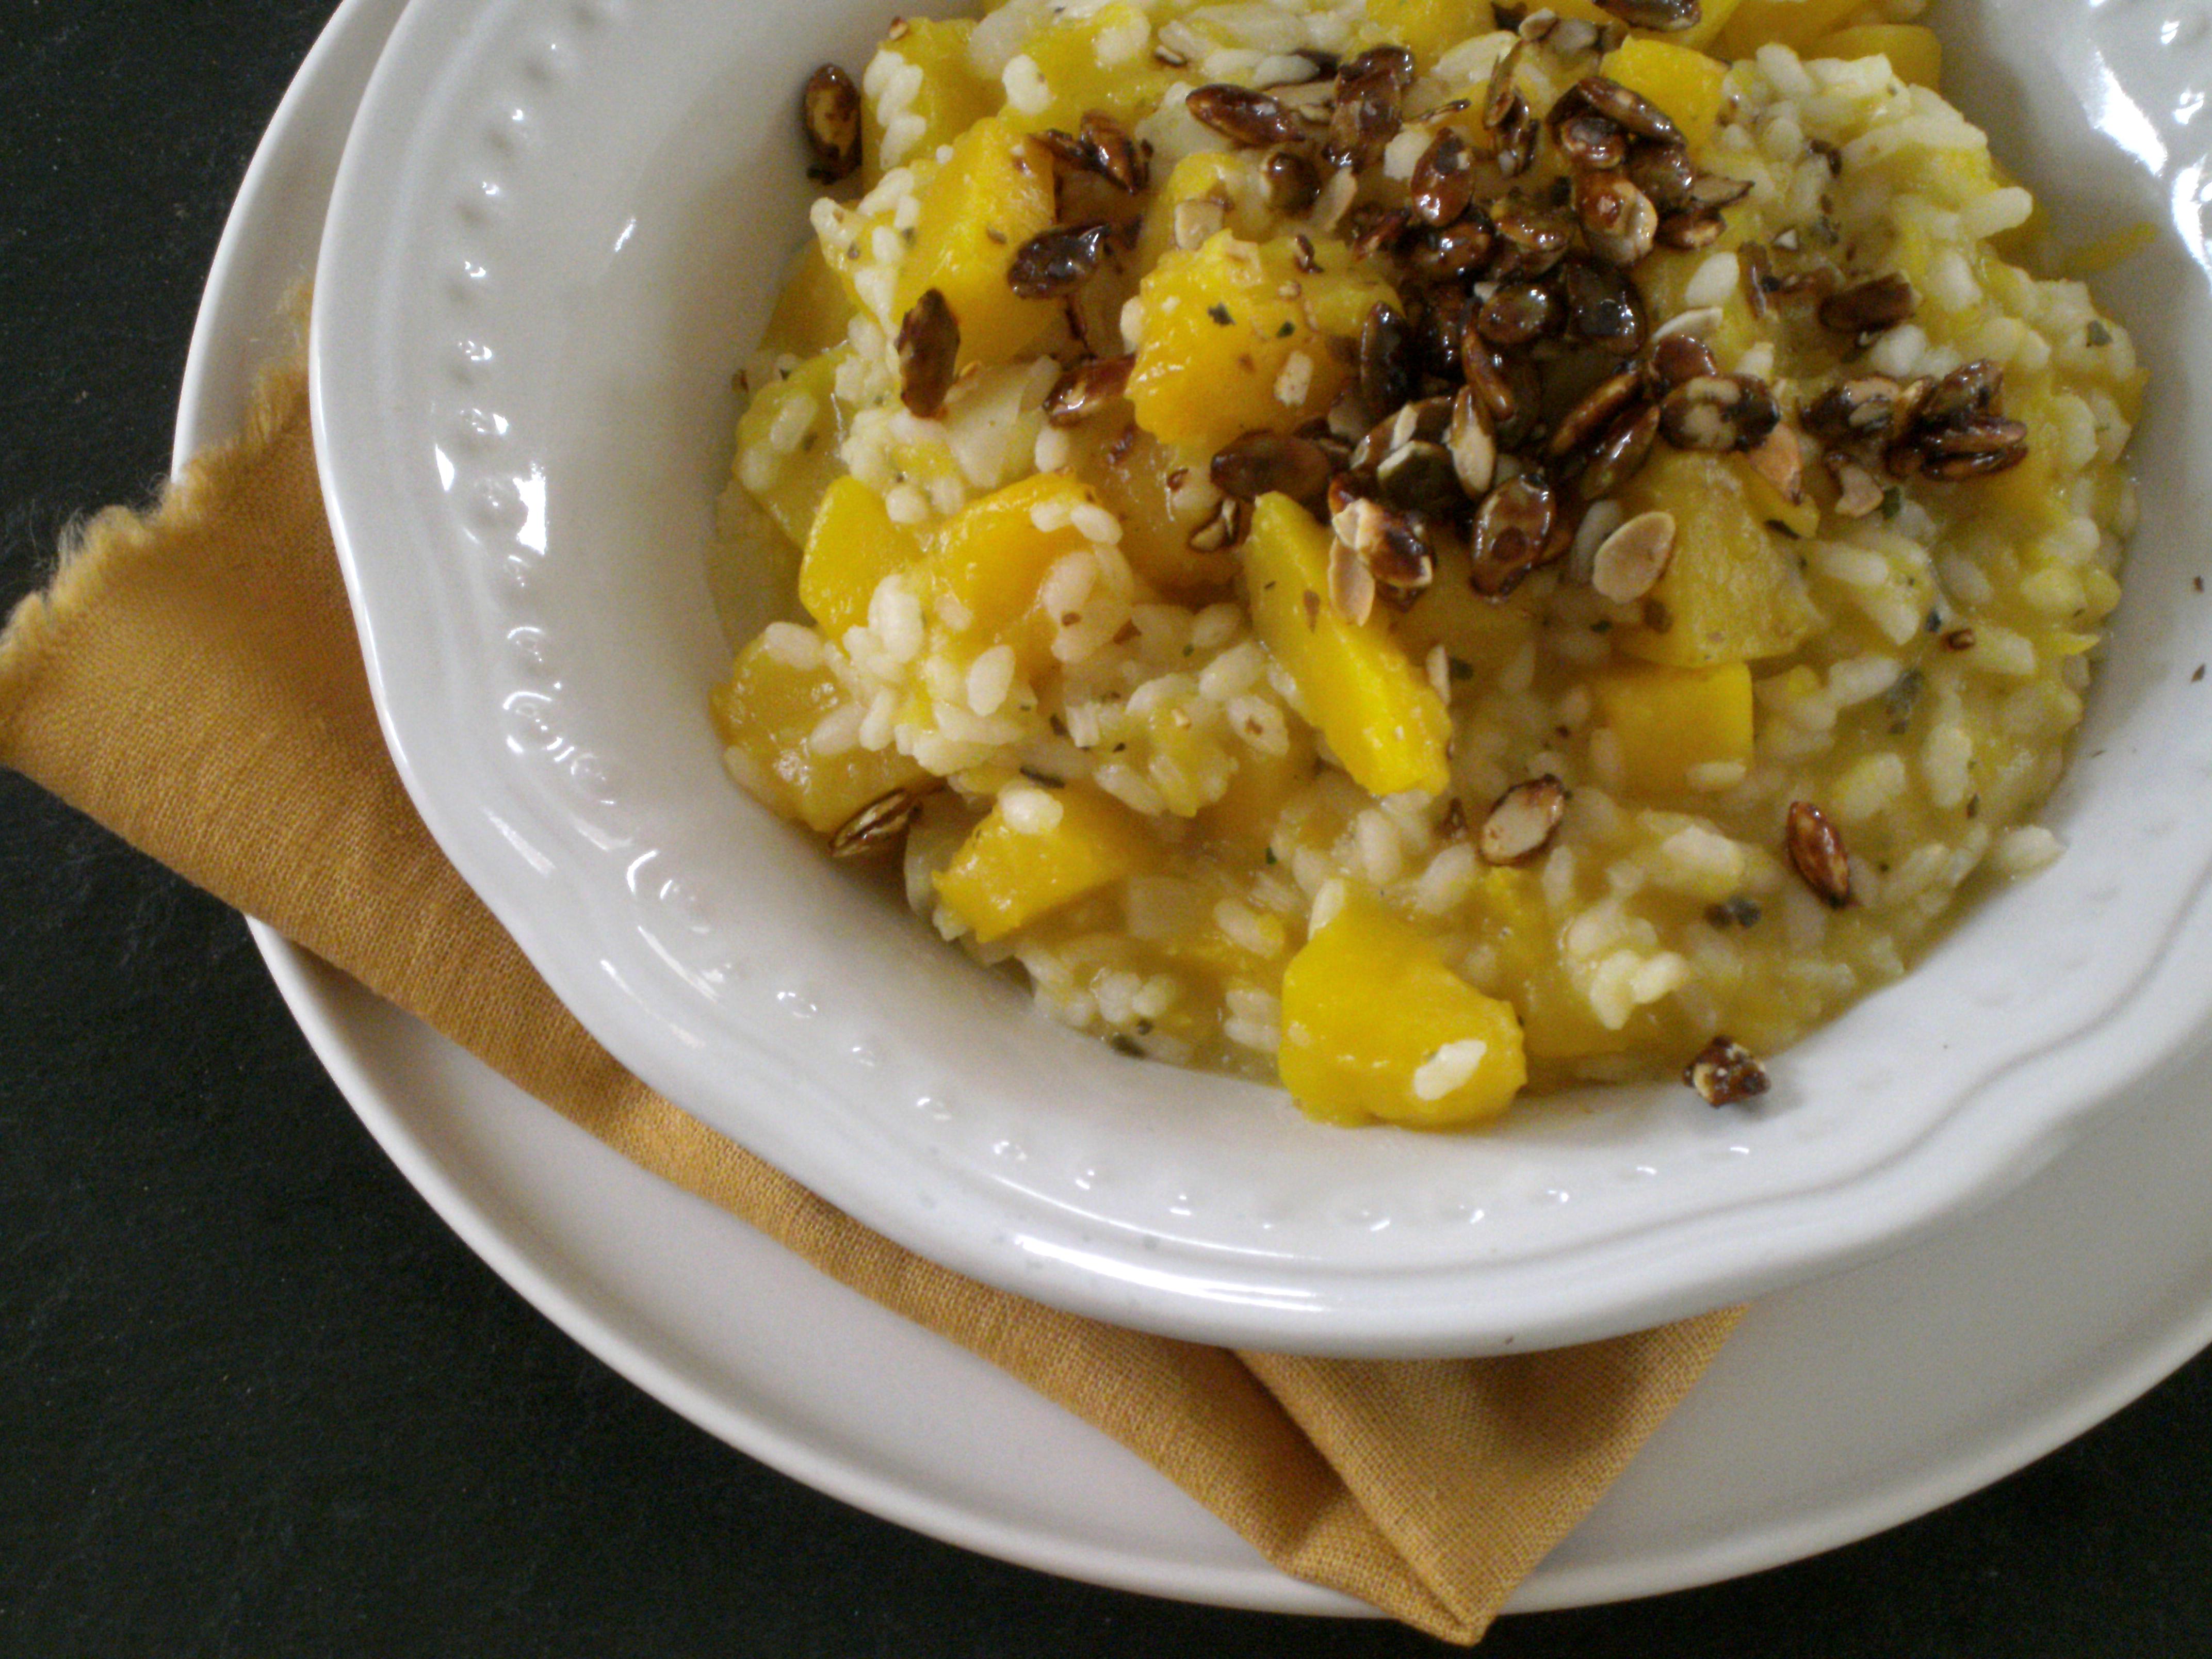 Rezepte - Hauptgerichte - Reis - Kürbis-Risotto - weizenfrei - glutenfrei - histaminarm - kaseinfrei - kochen